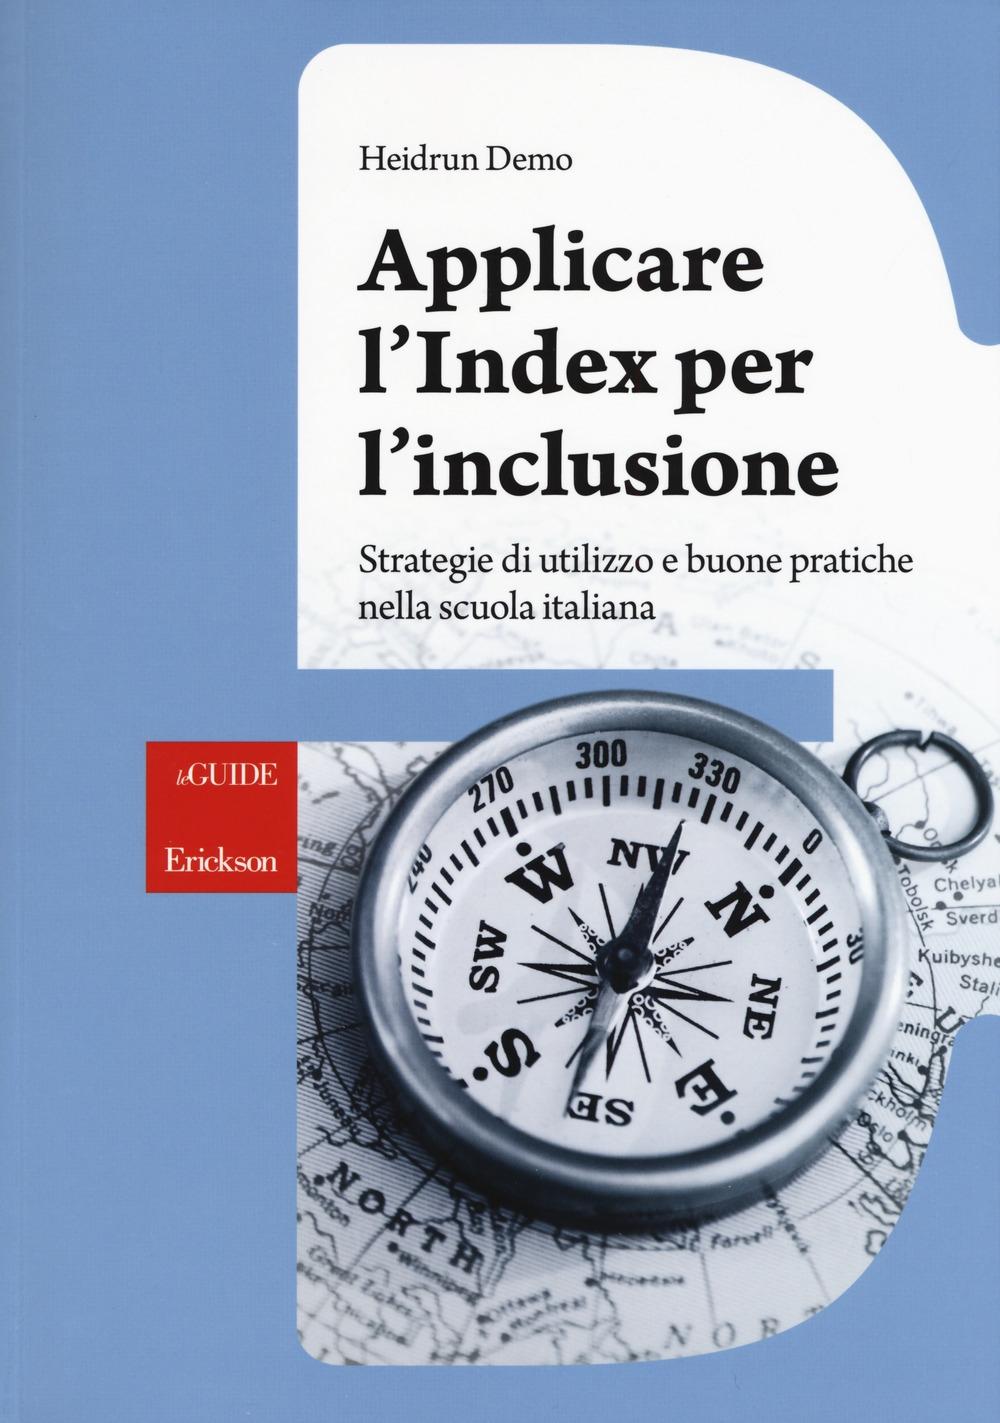 Applicare l'index per l'inclusione. Strategie di utilizzo e buone pratiche nella scuola italiana